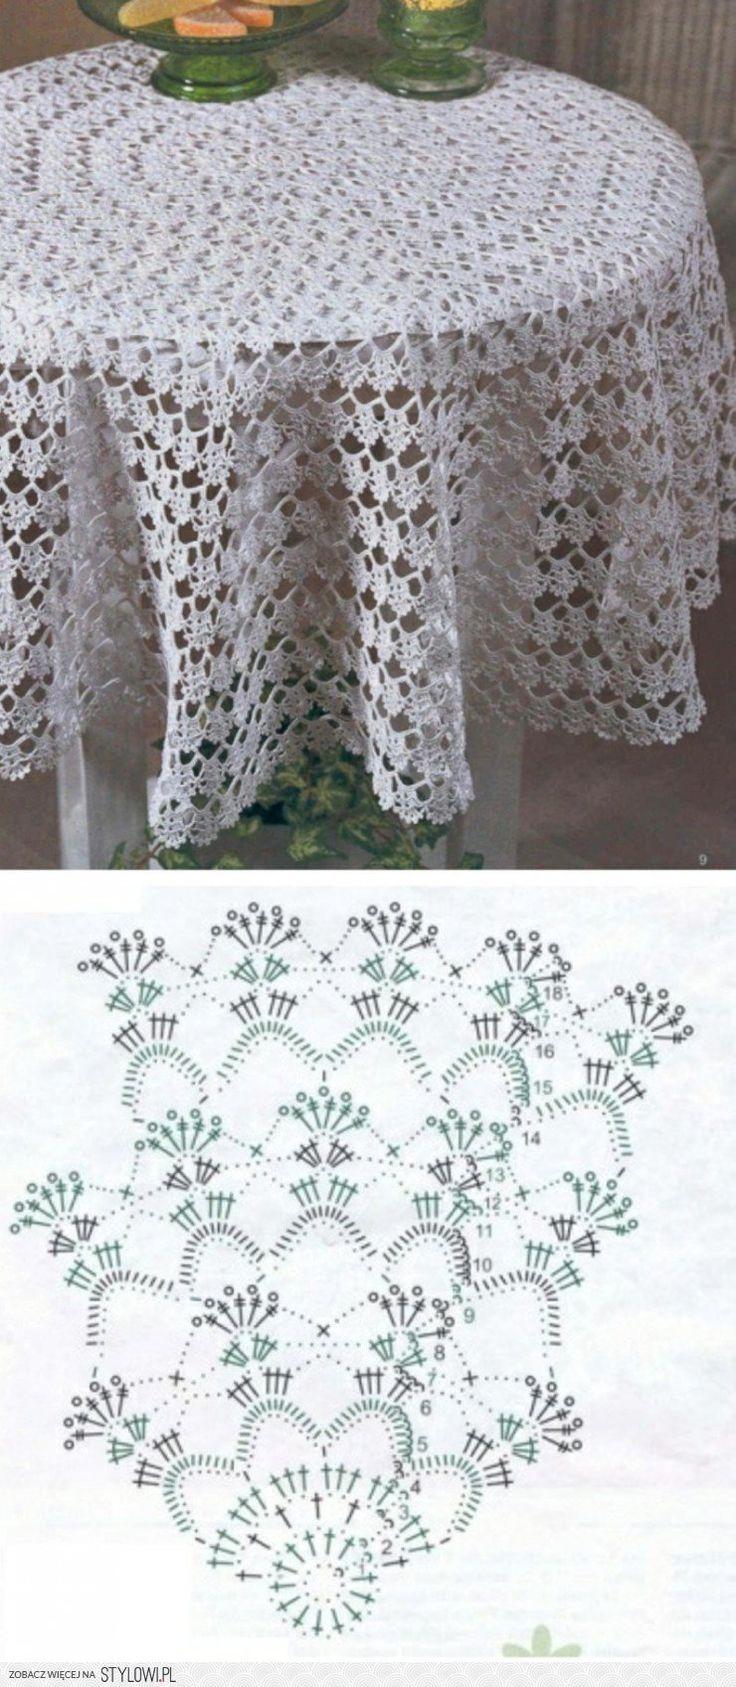 Pin von Gladys estercitayan@gmail.com auf Crochet | Pinterest ...